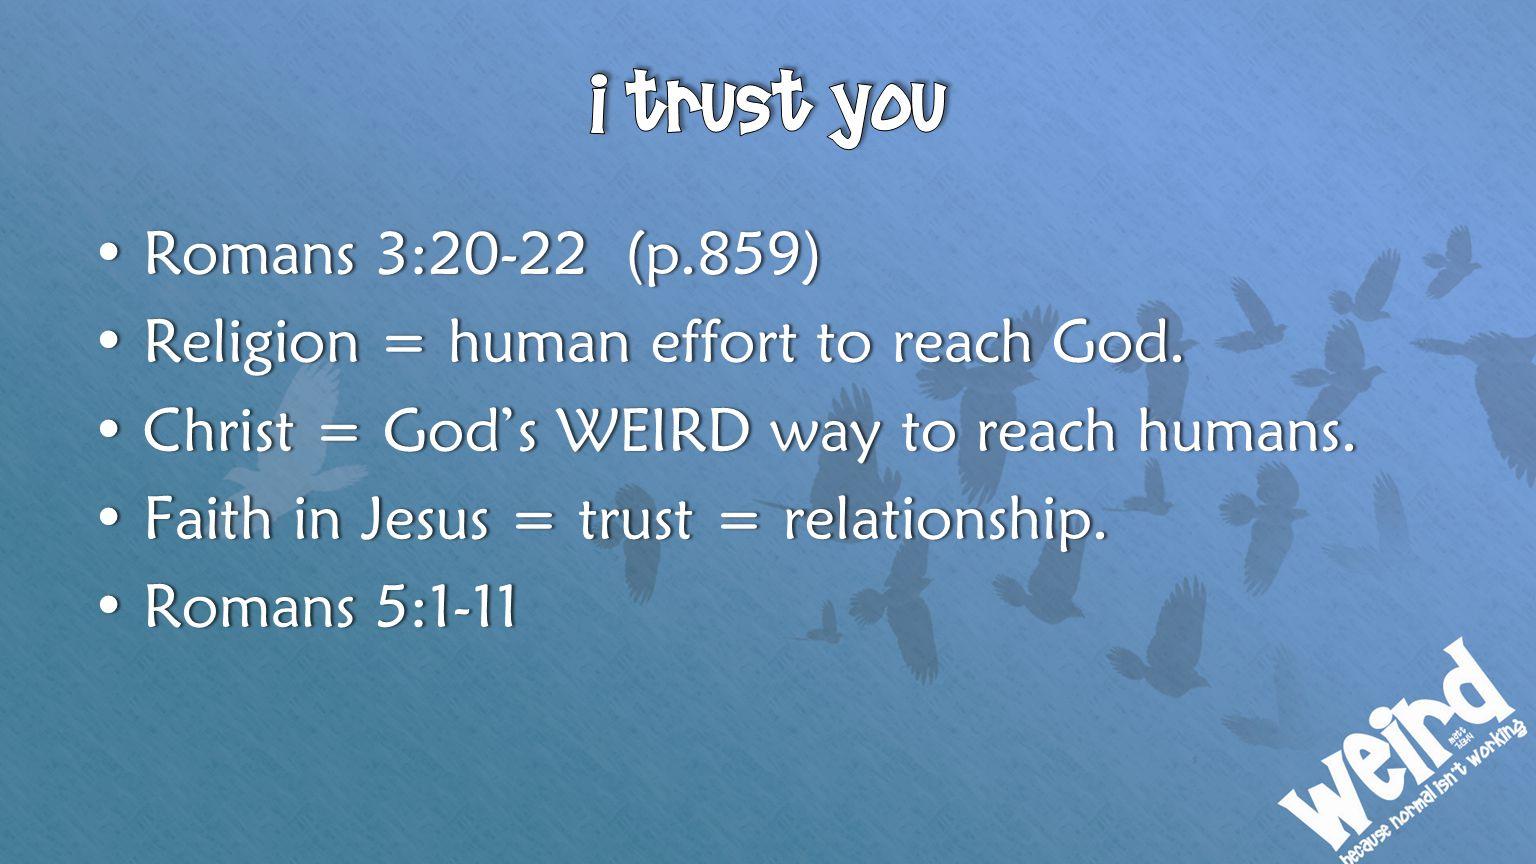 I trust you Romans 3:20-22 (p.859)